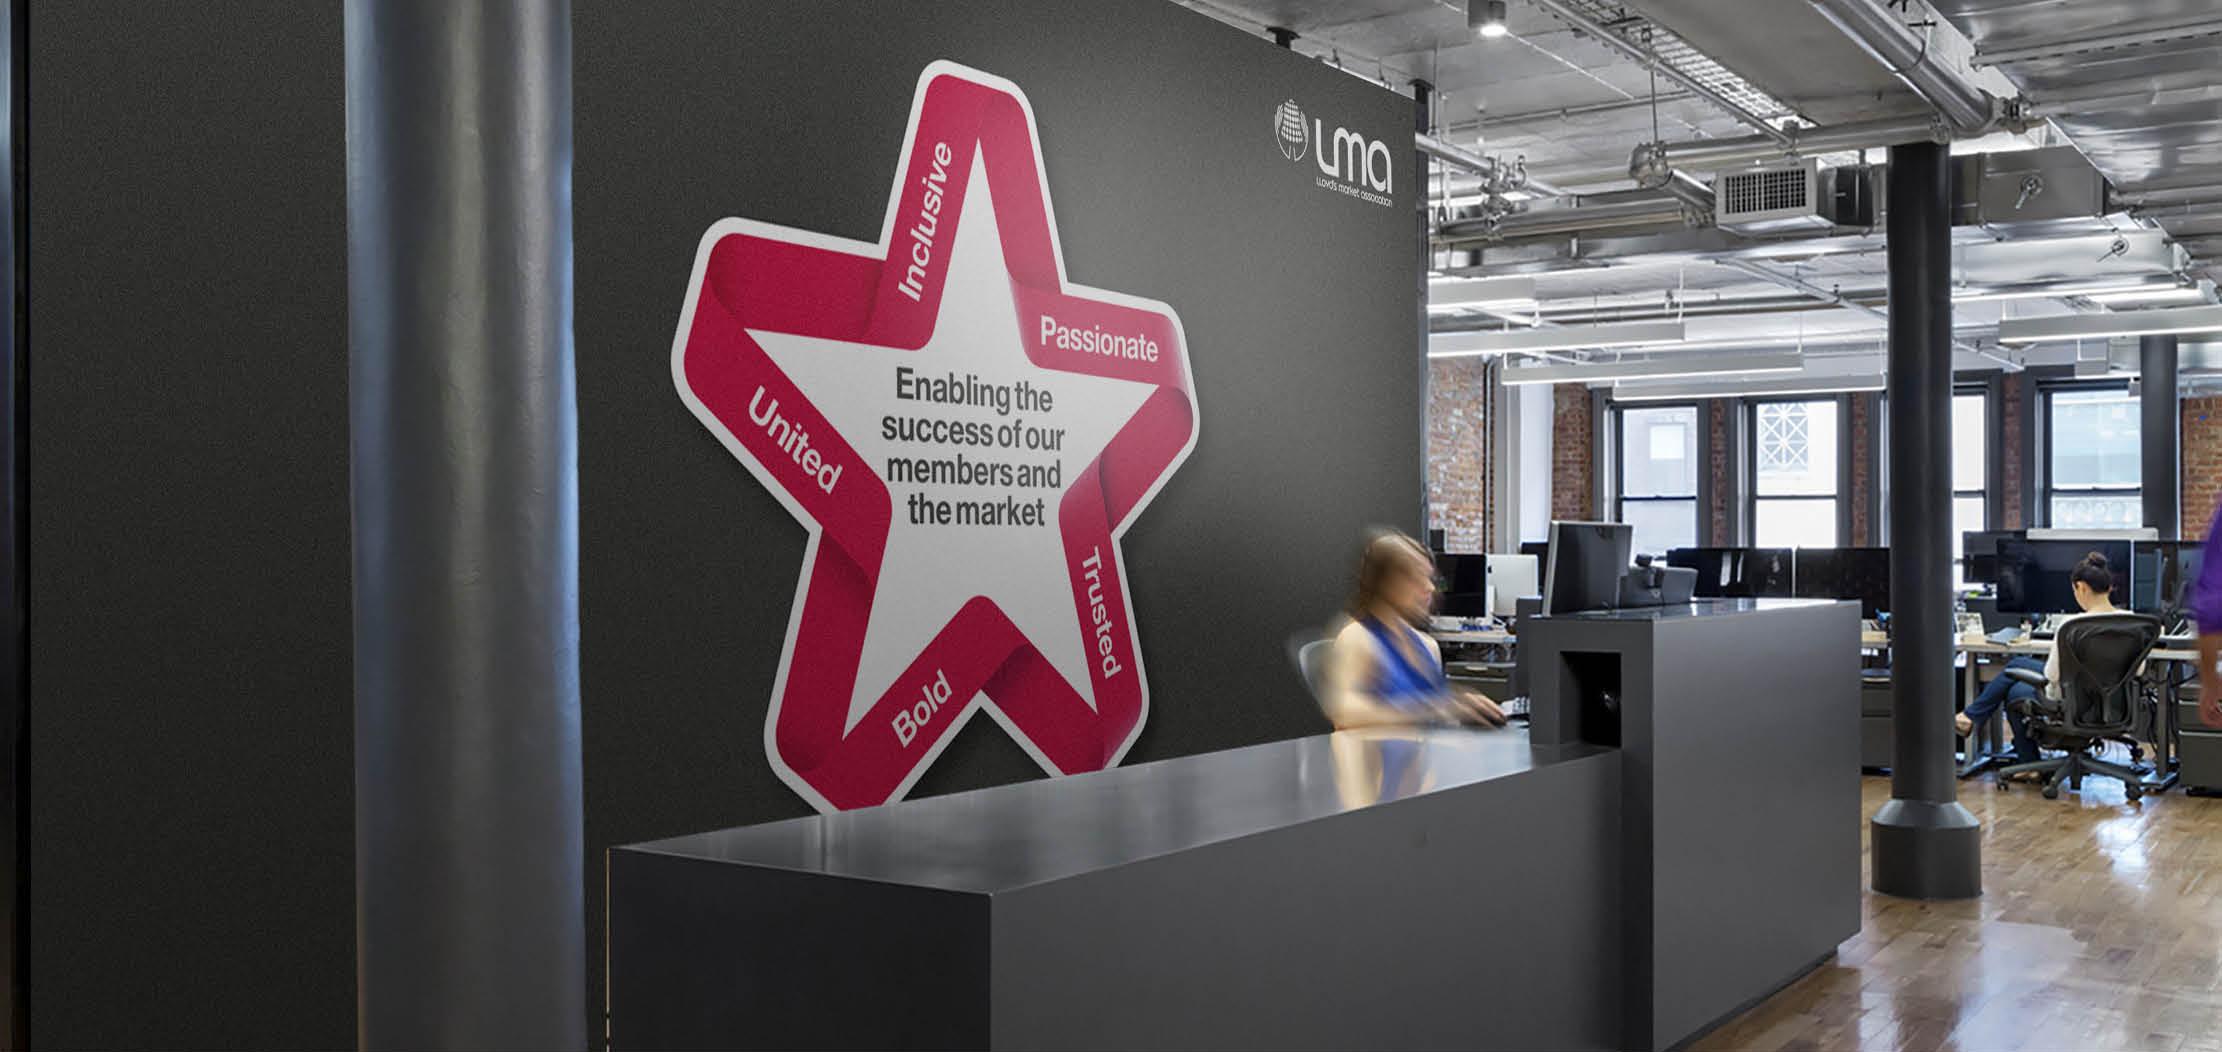 Lloyd's Market Association branding, Branding and design for insurance, office interior branding